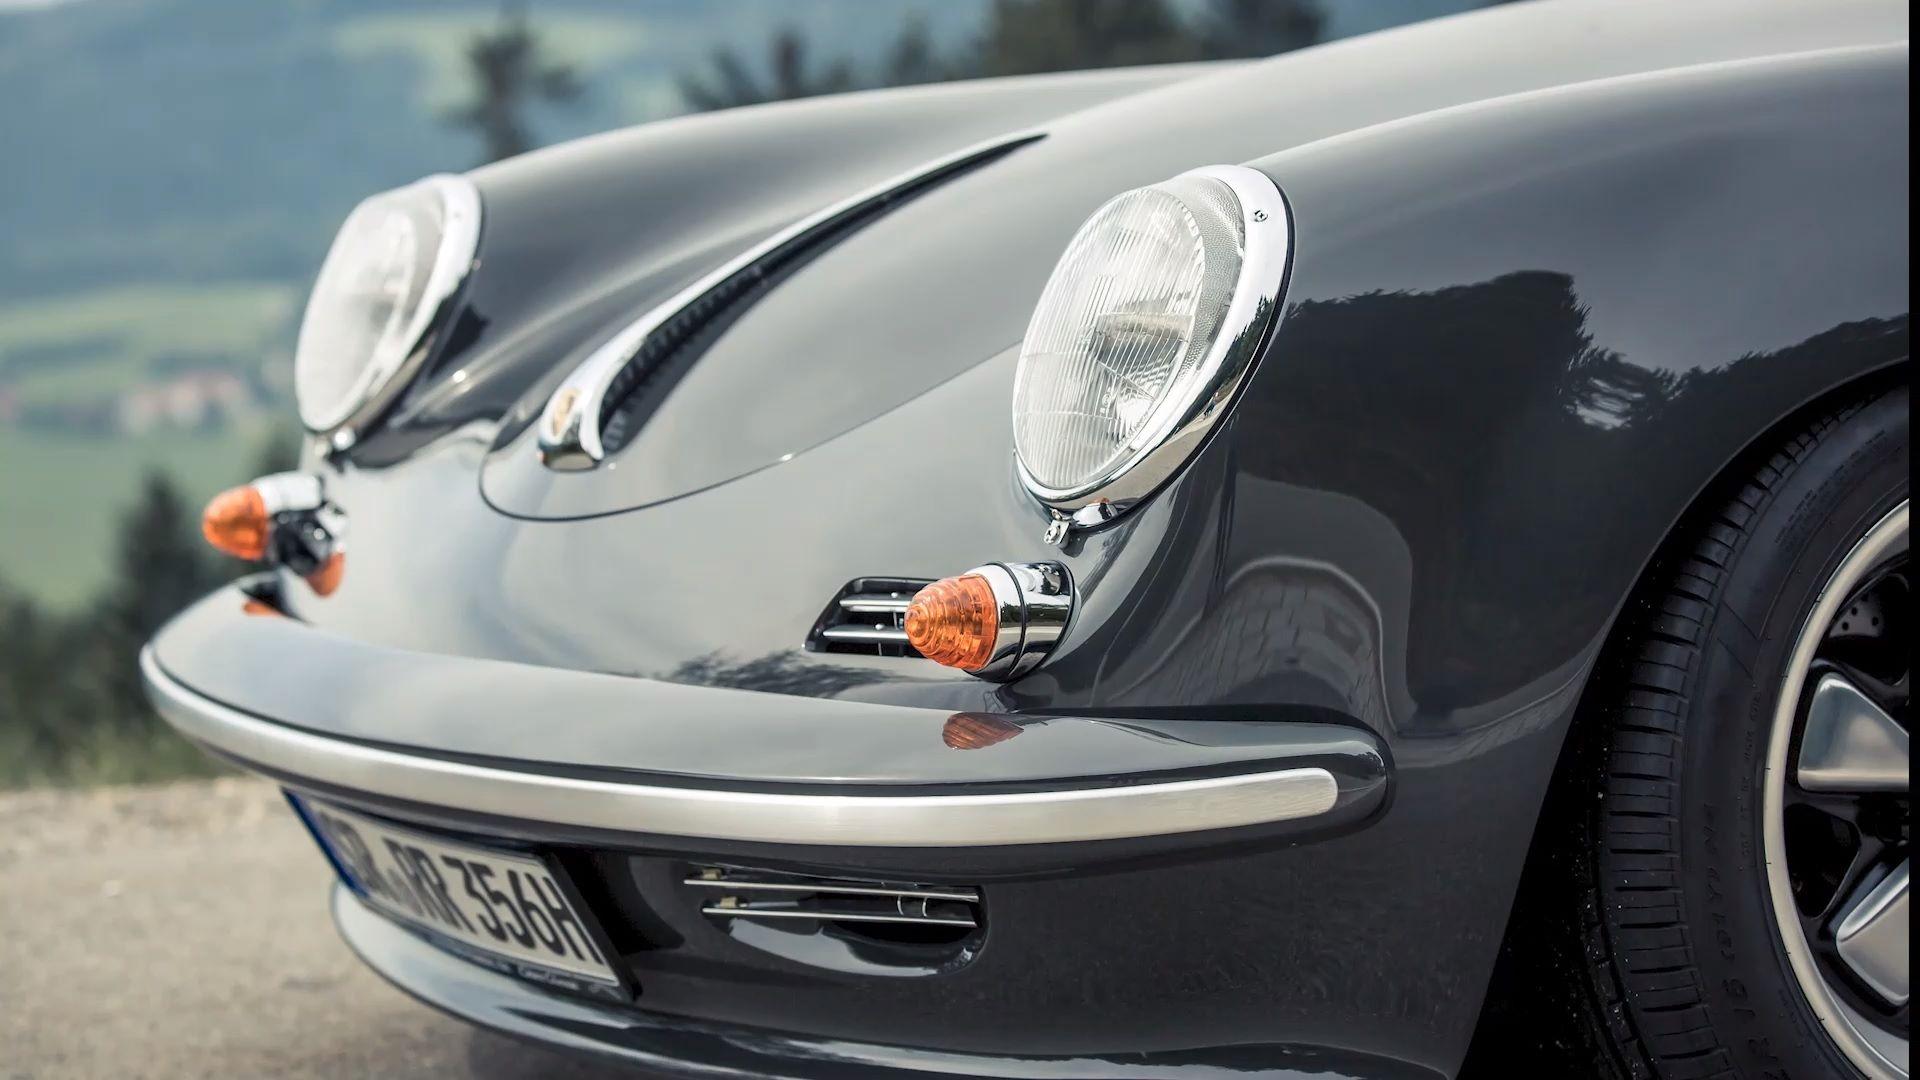 Porsche-356-930-Walter-Rohrl-06